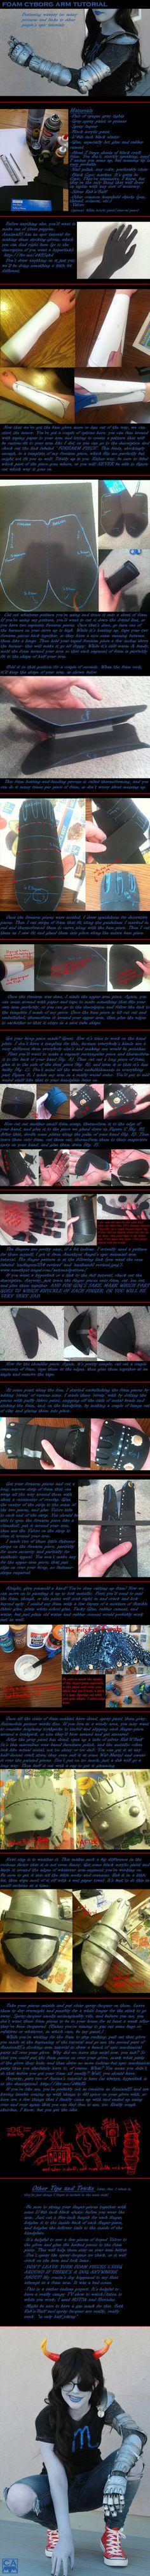 Foam Cyborg Arm Tutorial by Traumagician on DeviantArt Cosplay Armor, Steampunk Cosplay, Cosplay Diy, Cosplay Makeup, Steampunk Diy, Costume Makeup, Halloween Cosplay, Best Cosplay, Halloween Tips